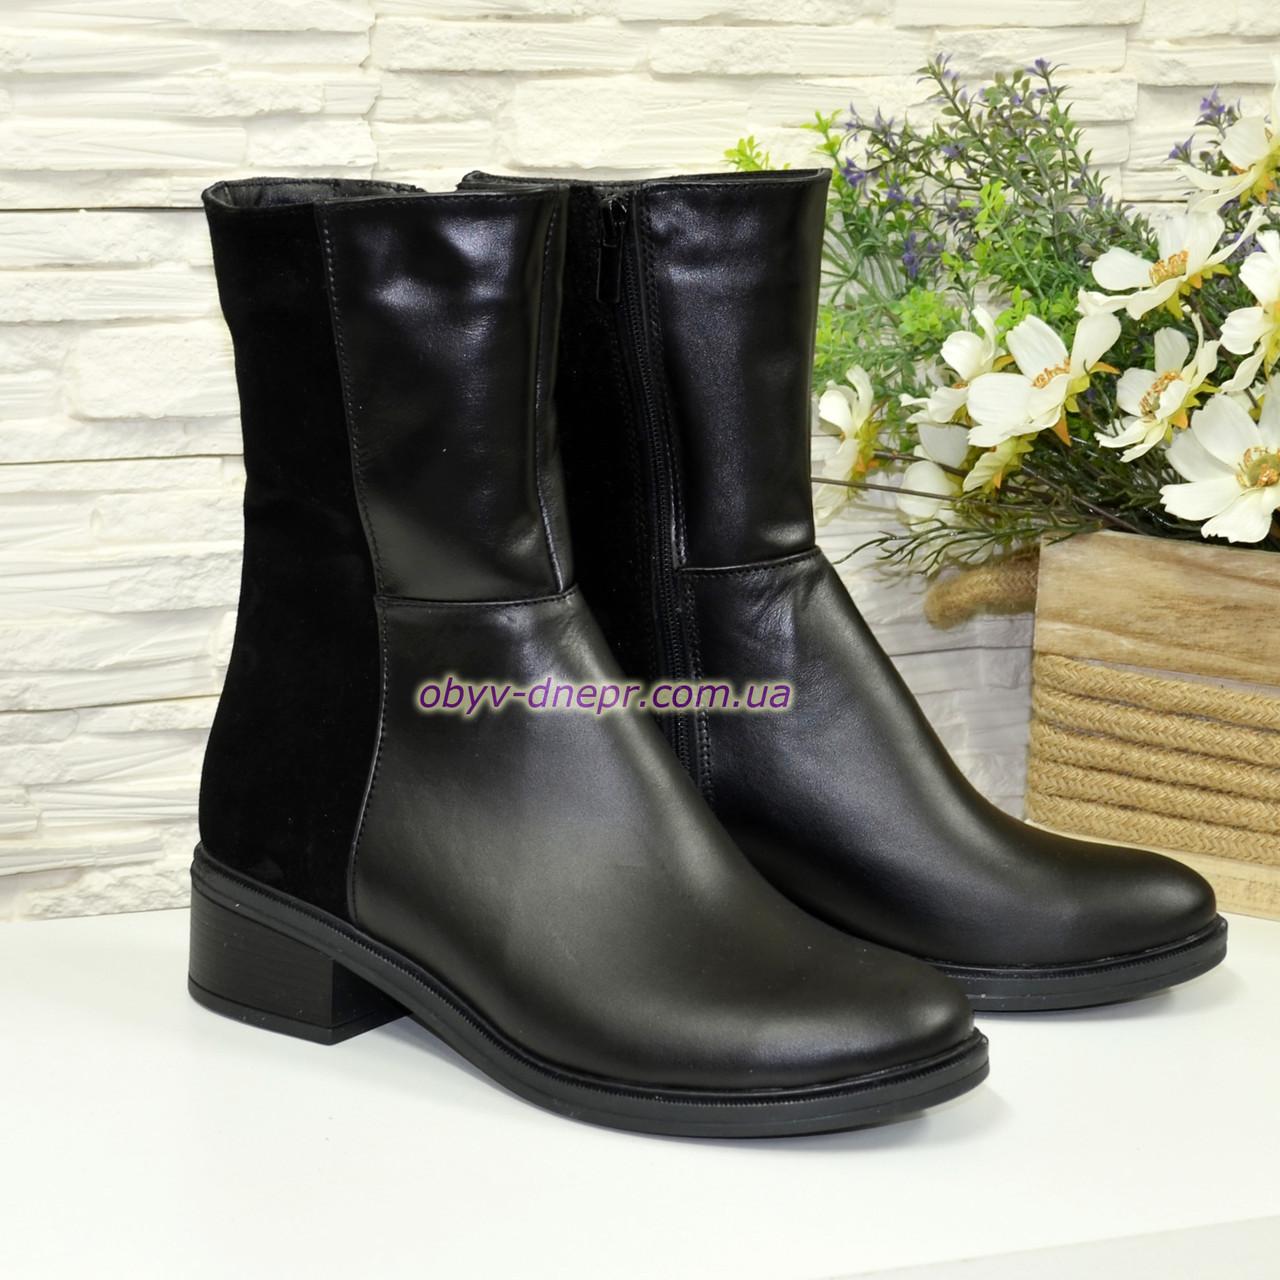 Ботинки комбинированные зимние на невысоком каблуке, из натуральной кожи и замши черного цвета